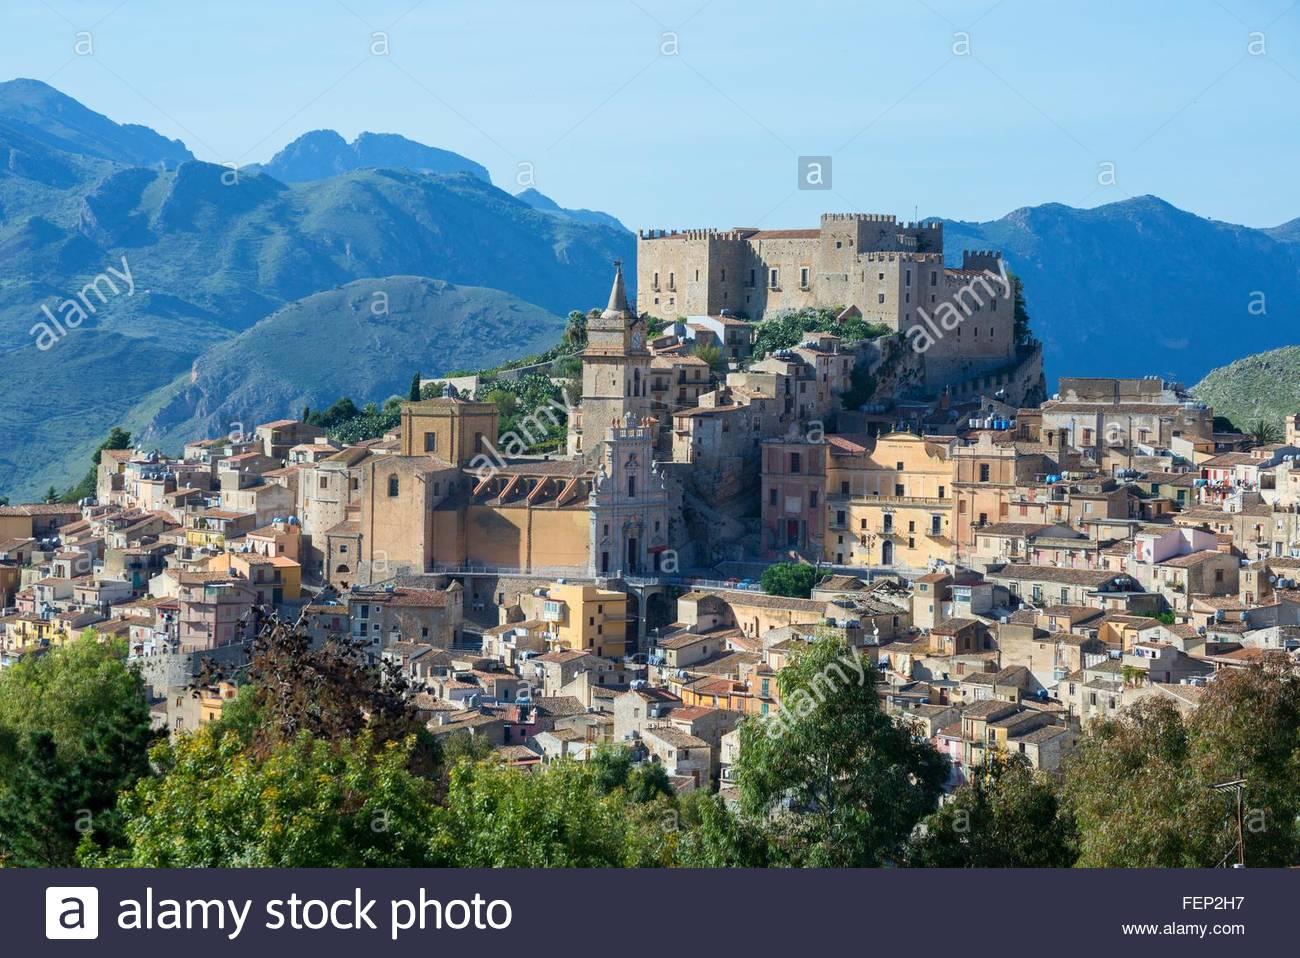 Caccamo castillo y pueblo, Caccamo, Sicilia, Italia Imagen De Stock